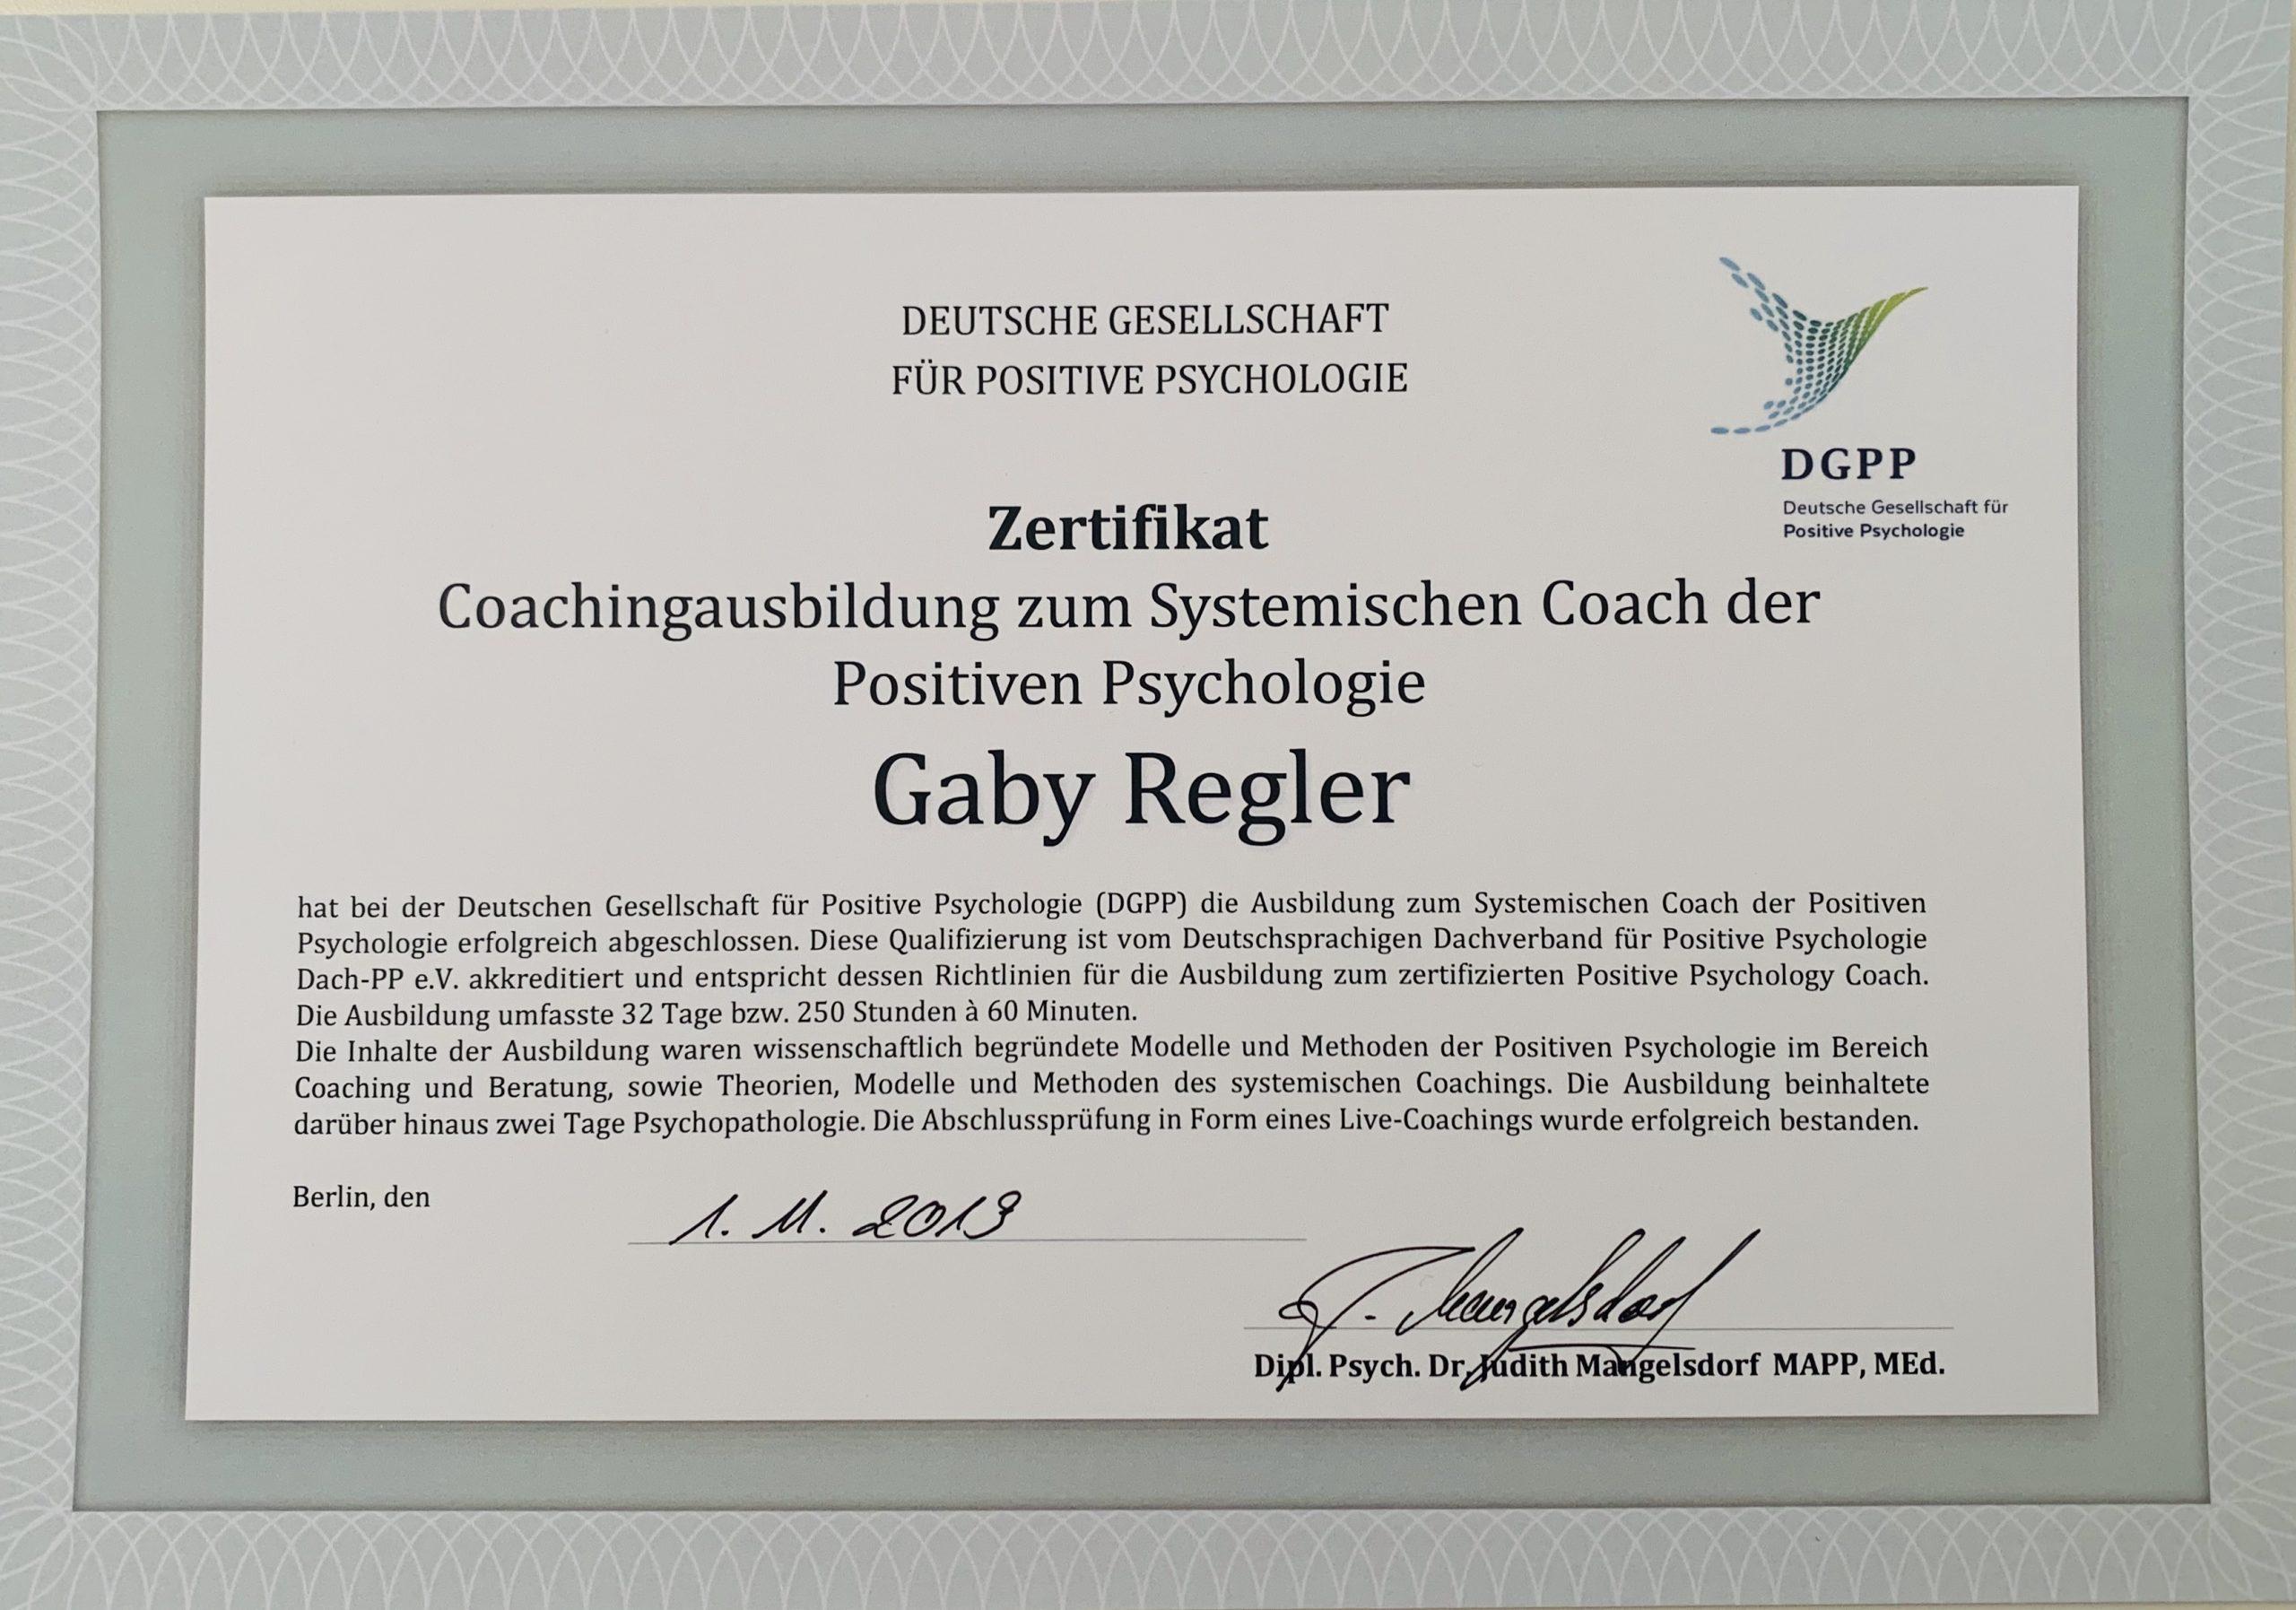 Coach der Positiven Psychologie, Systemischer Coach der Positiven Psychologie